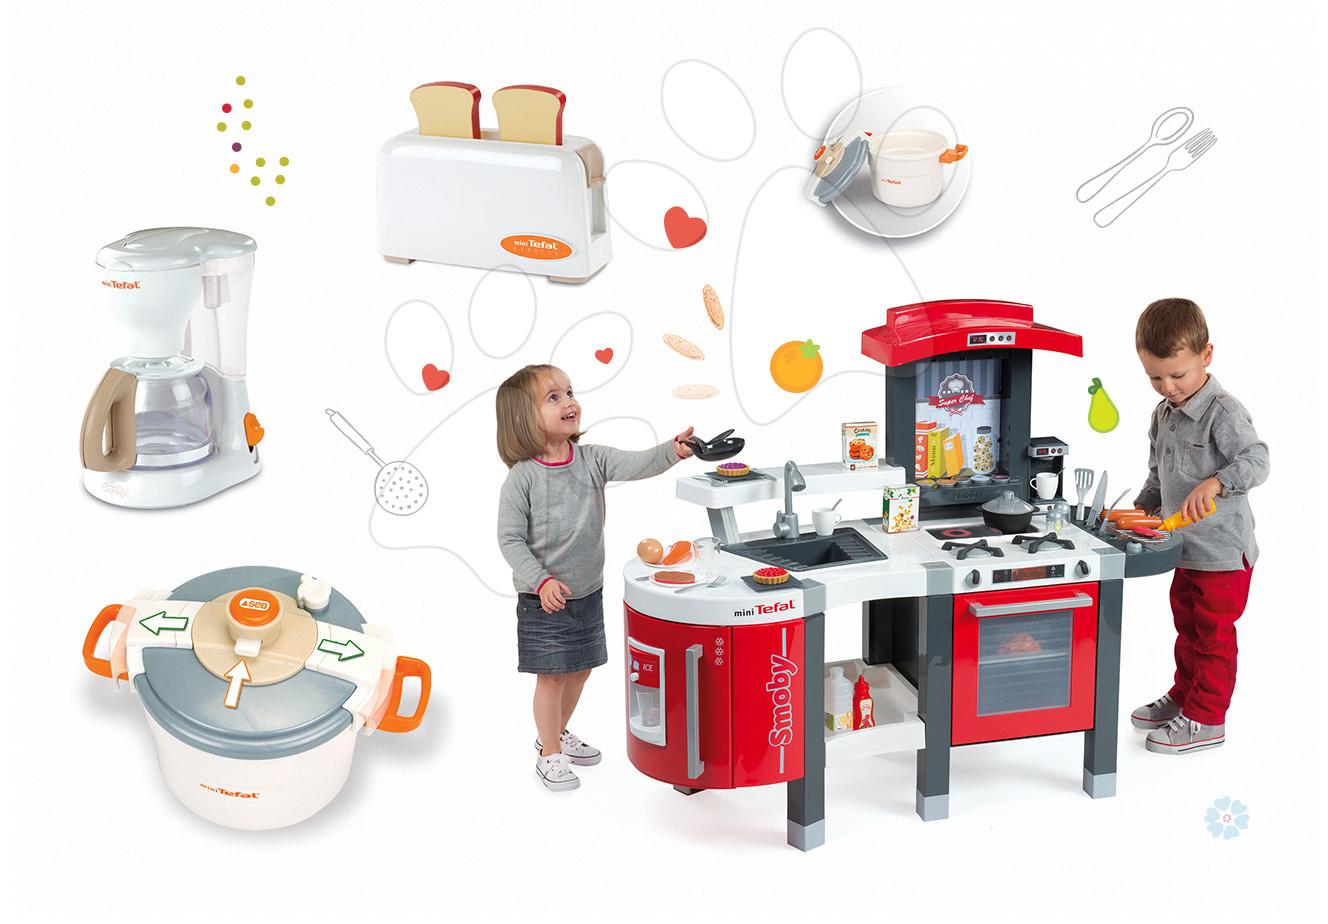 Set kuchyňka pro děti Tefal SuperChef Smoby s grilem a kávovarem a 3 kuchyňské spotřebiče Tefal